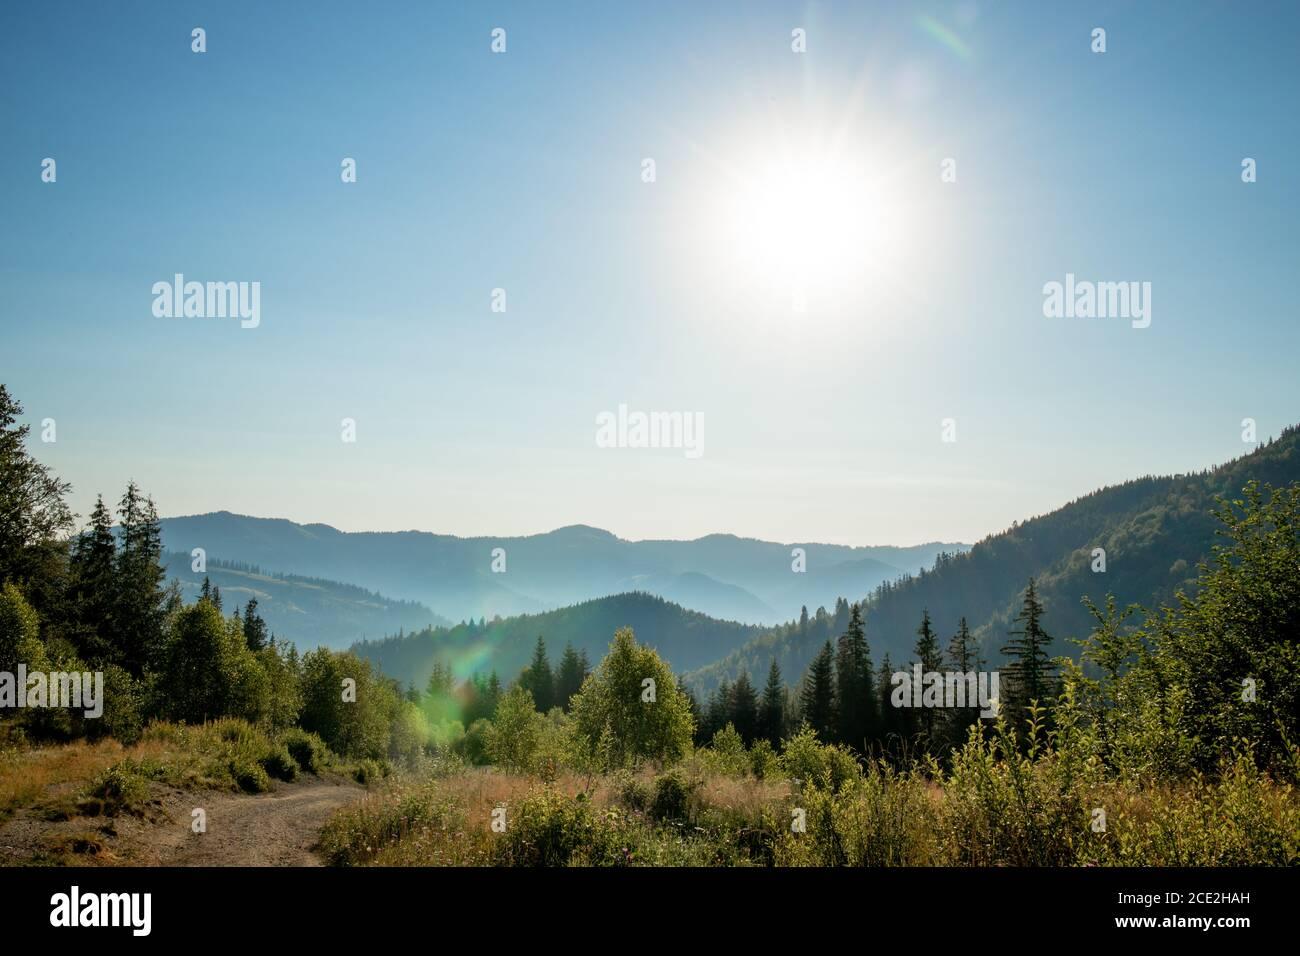 Le matin ensoleillé jour est dans le paysage de montagne. Carpathian, Ukraine, Europe. Le monde de la beauté. Grande résolution Banque D'Images